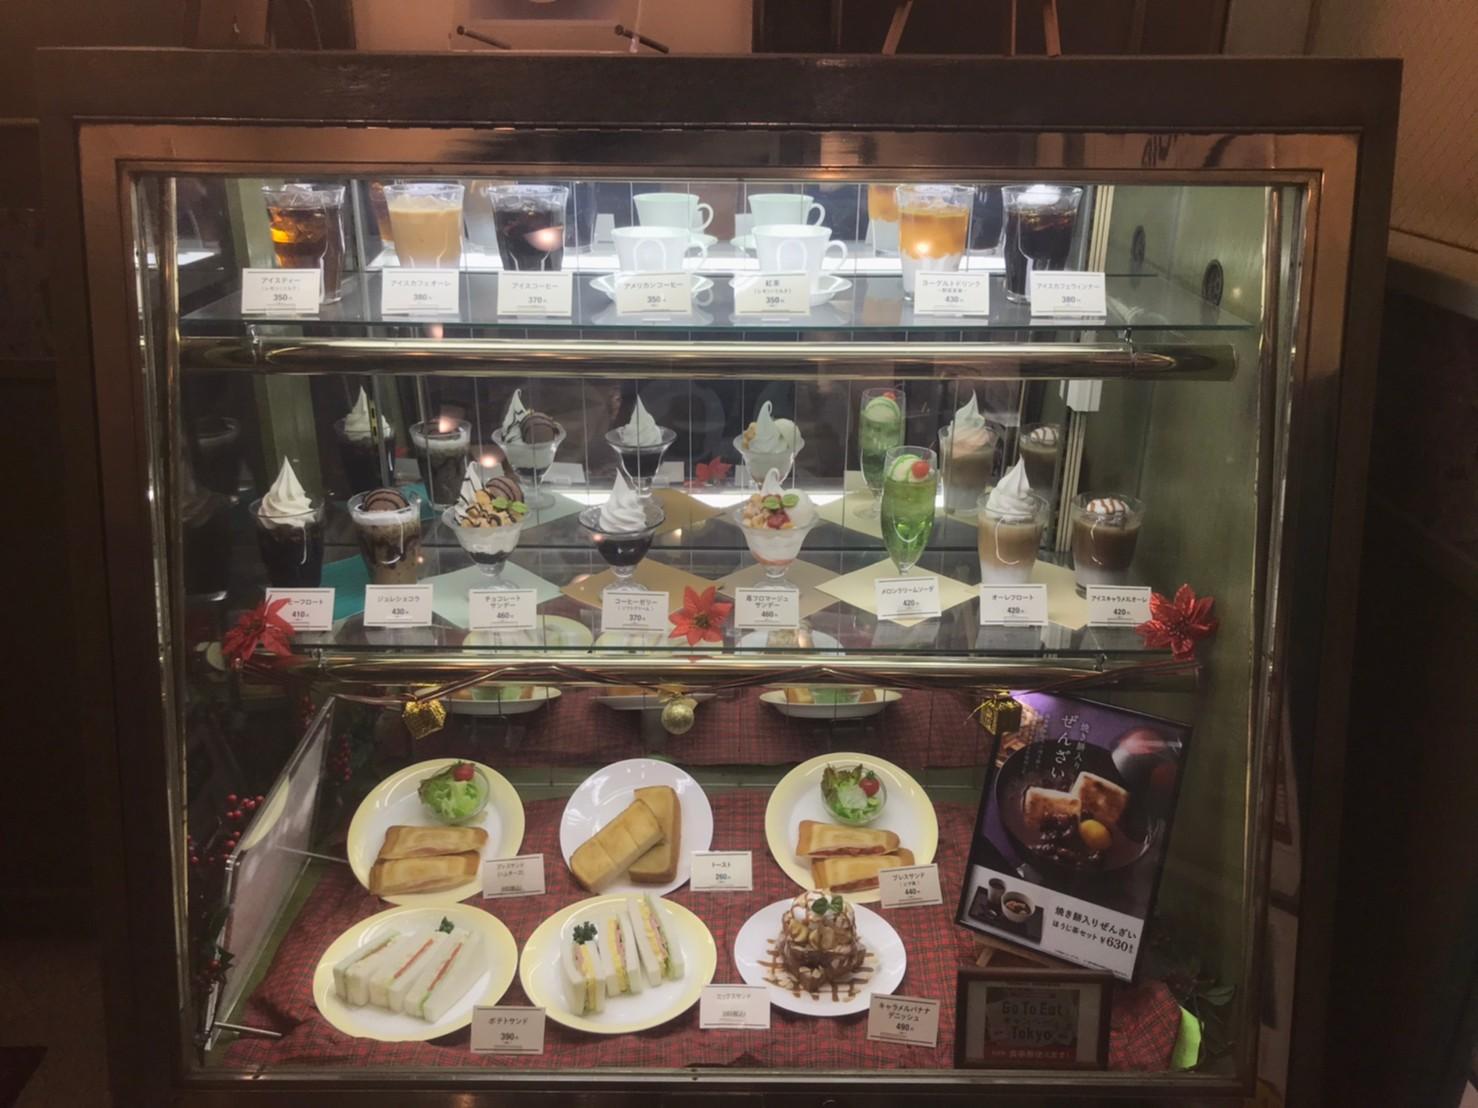 コーヒーハウス・シャノアール 三軒茶屋店